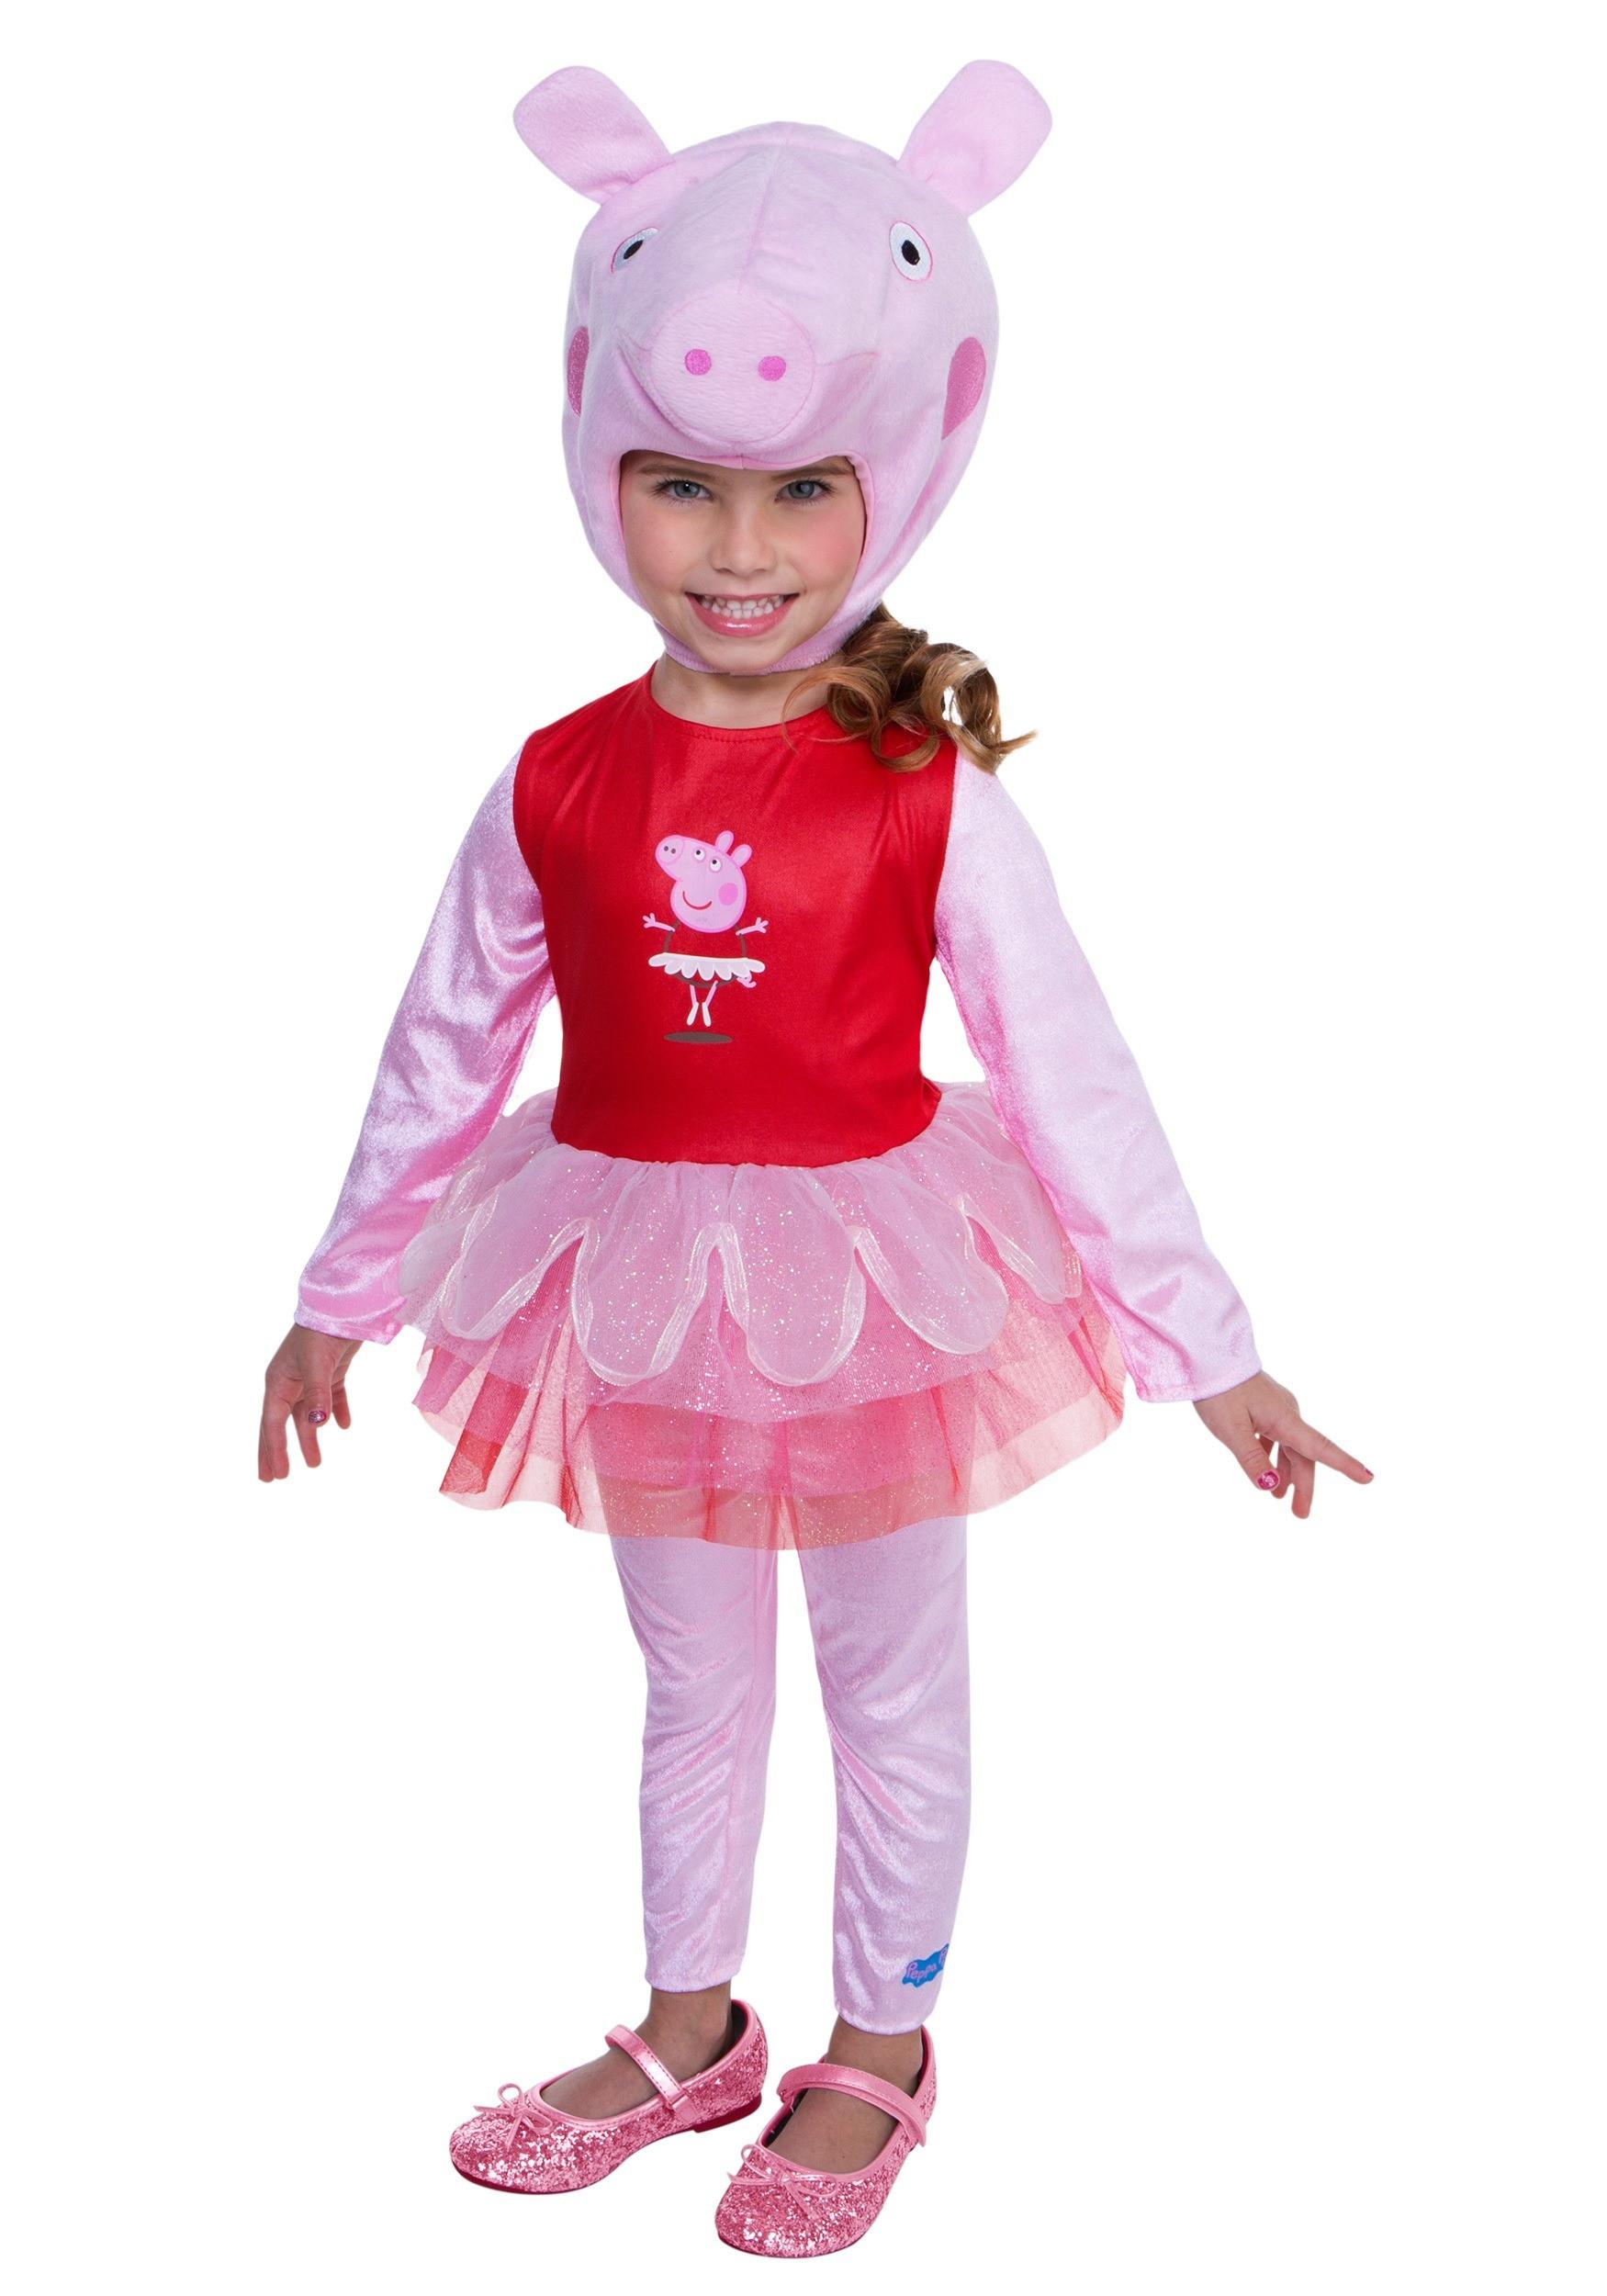 Peppa Pig Costume DIY  Peppa Pig Super Deluxe Tutu Costume